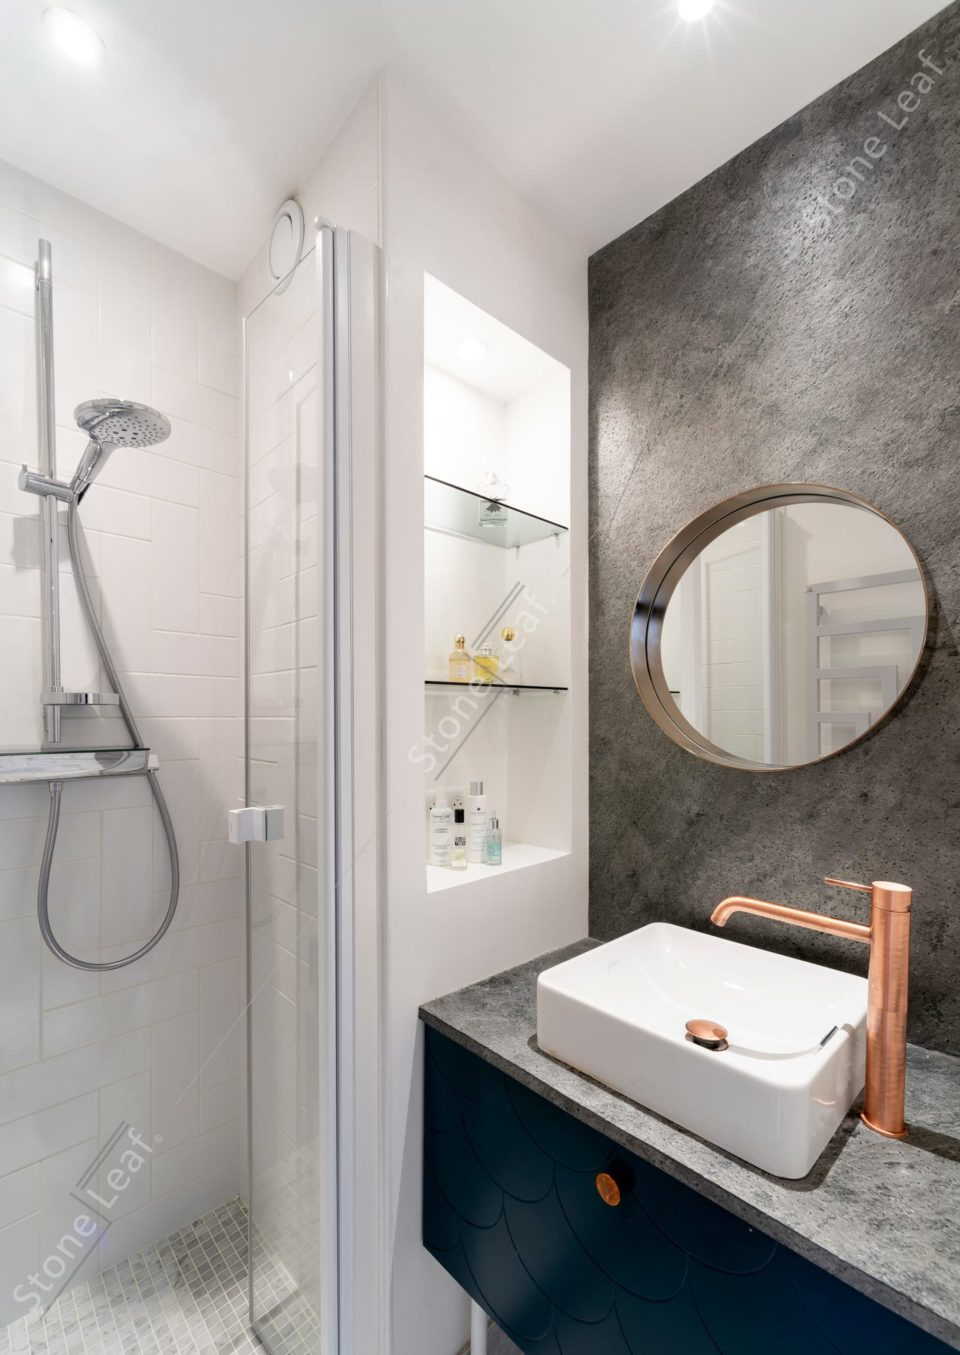 Feuille de pierre 100% naturelle revêtement mural de salle de bain